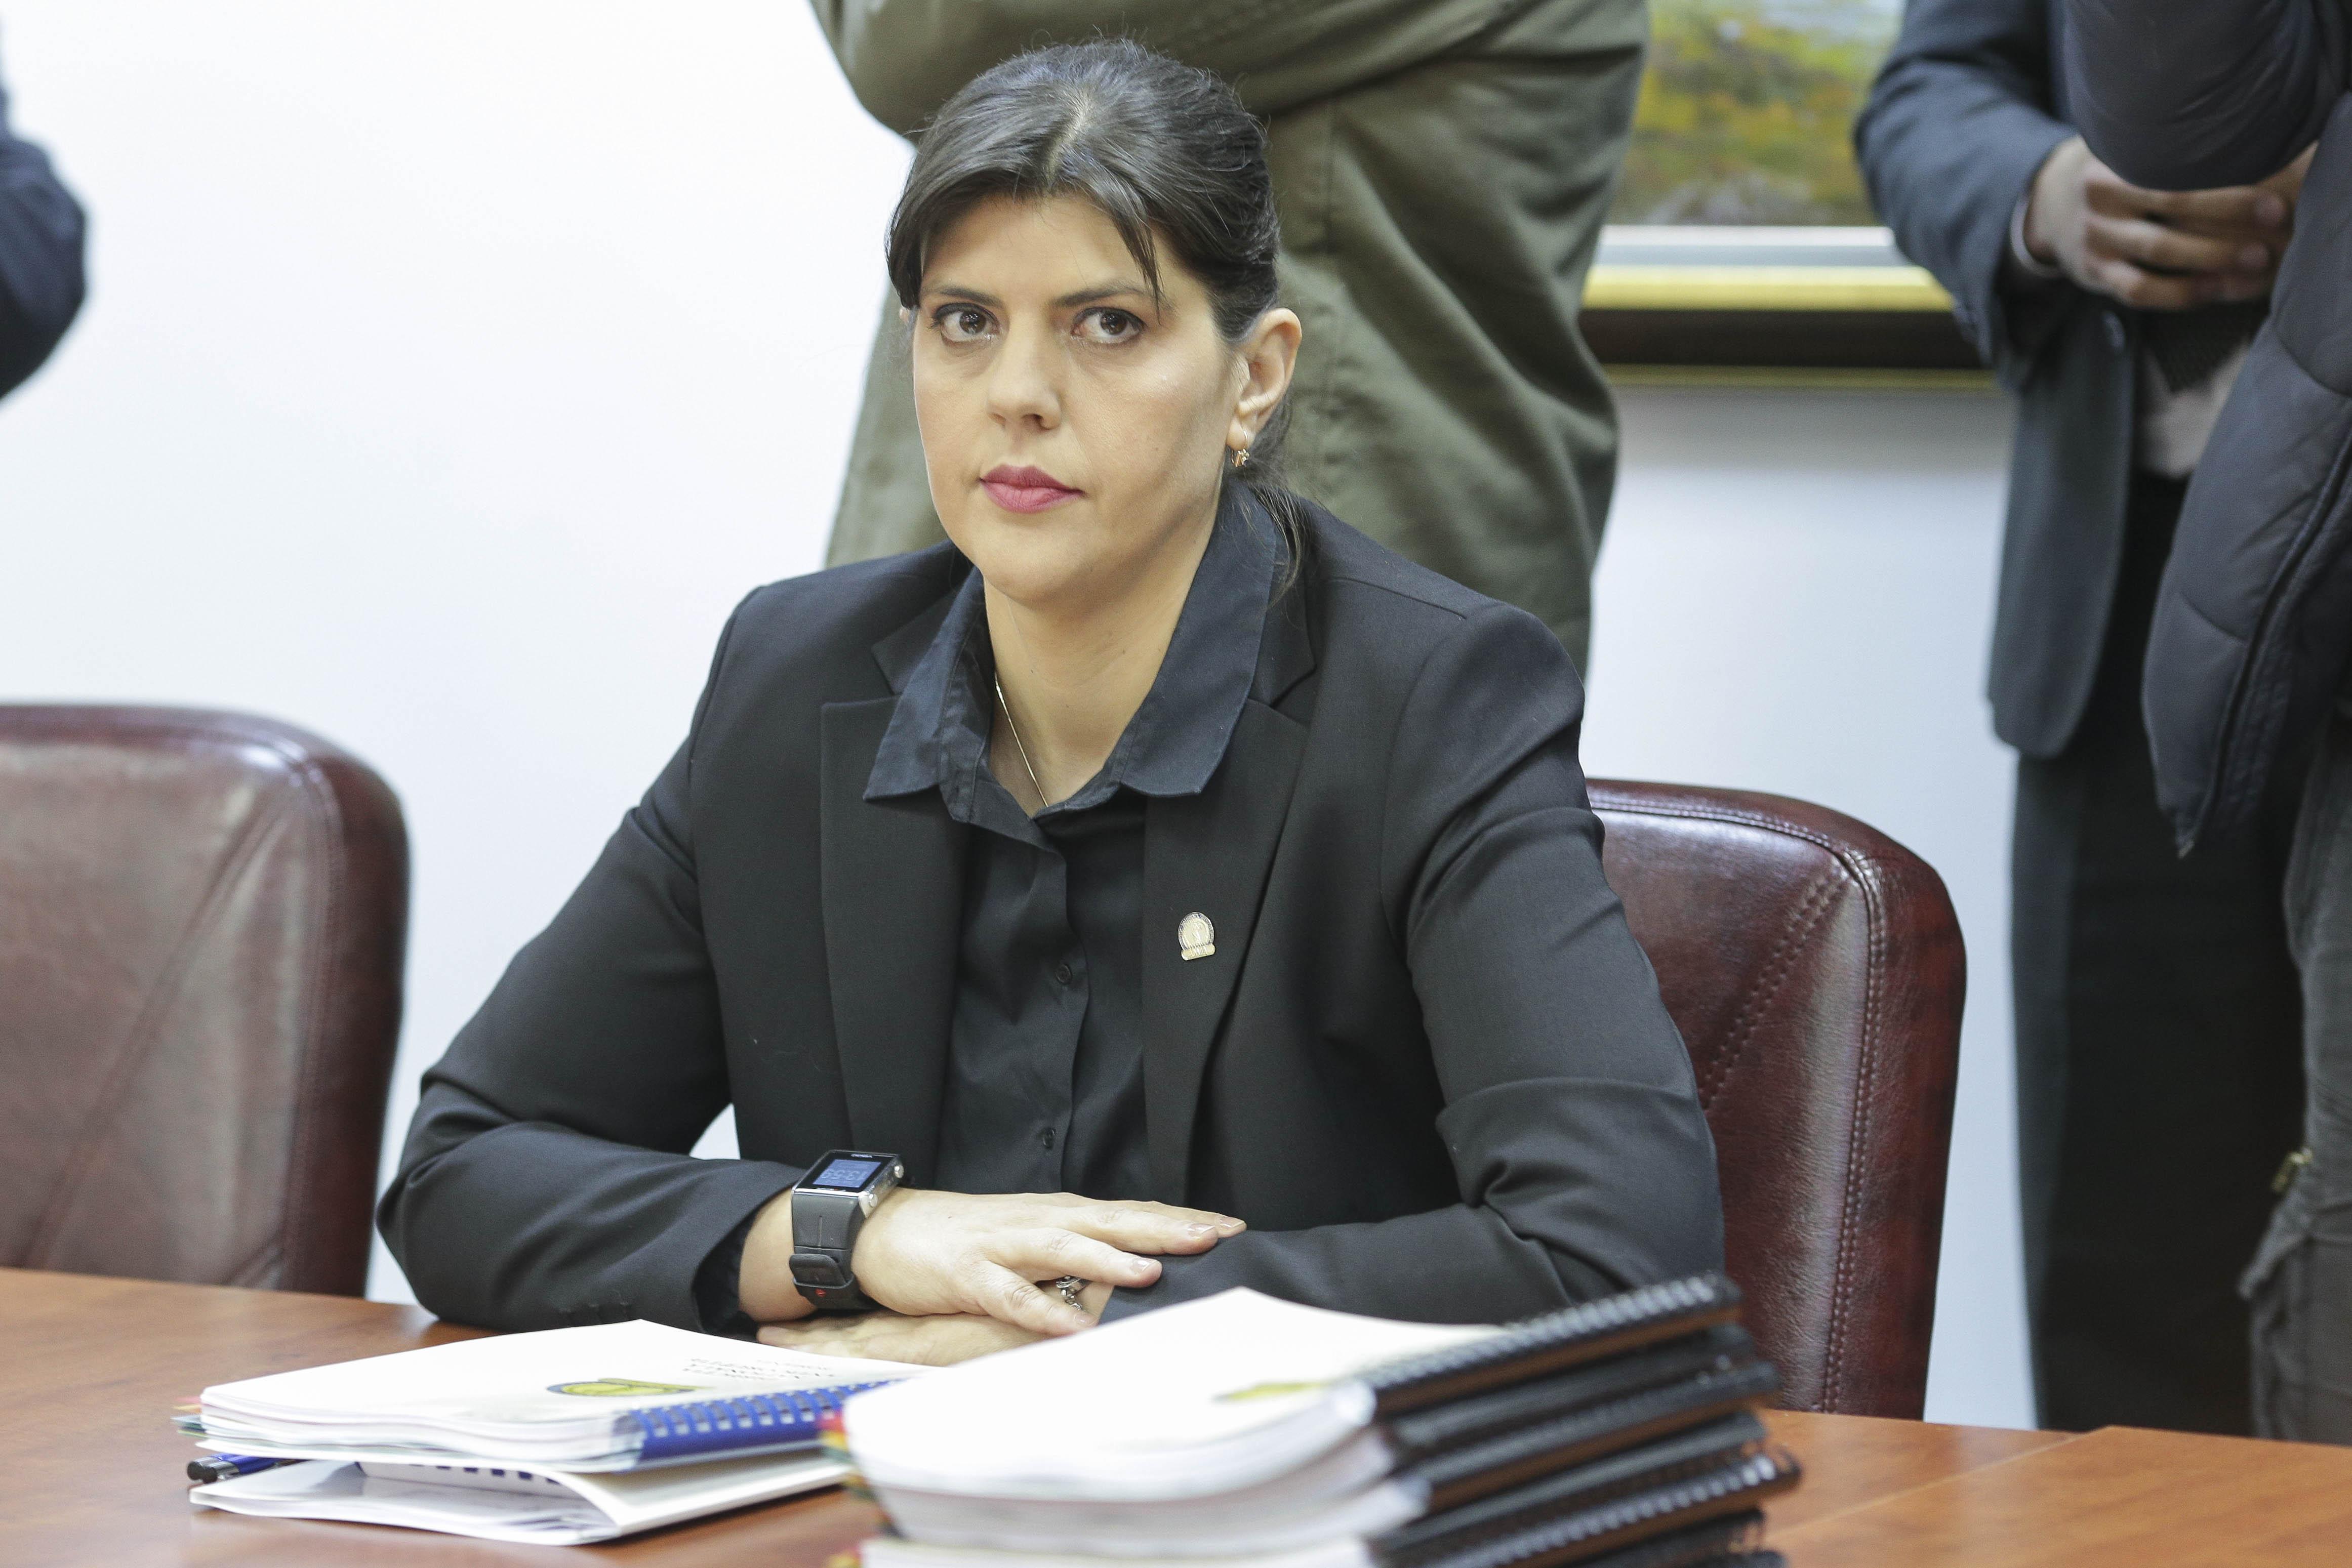 """Laura Kovesi: """"Protocolul nu a dat acces SRI la toate informaţiile din dosare"""""""